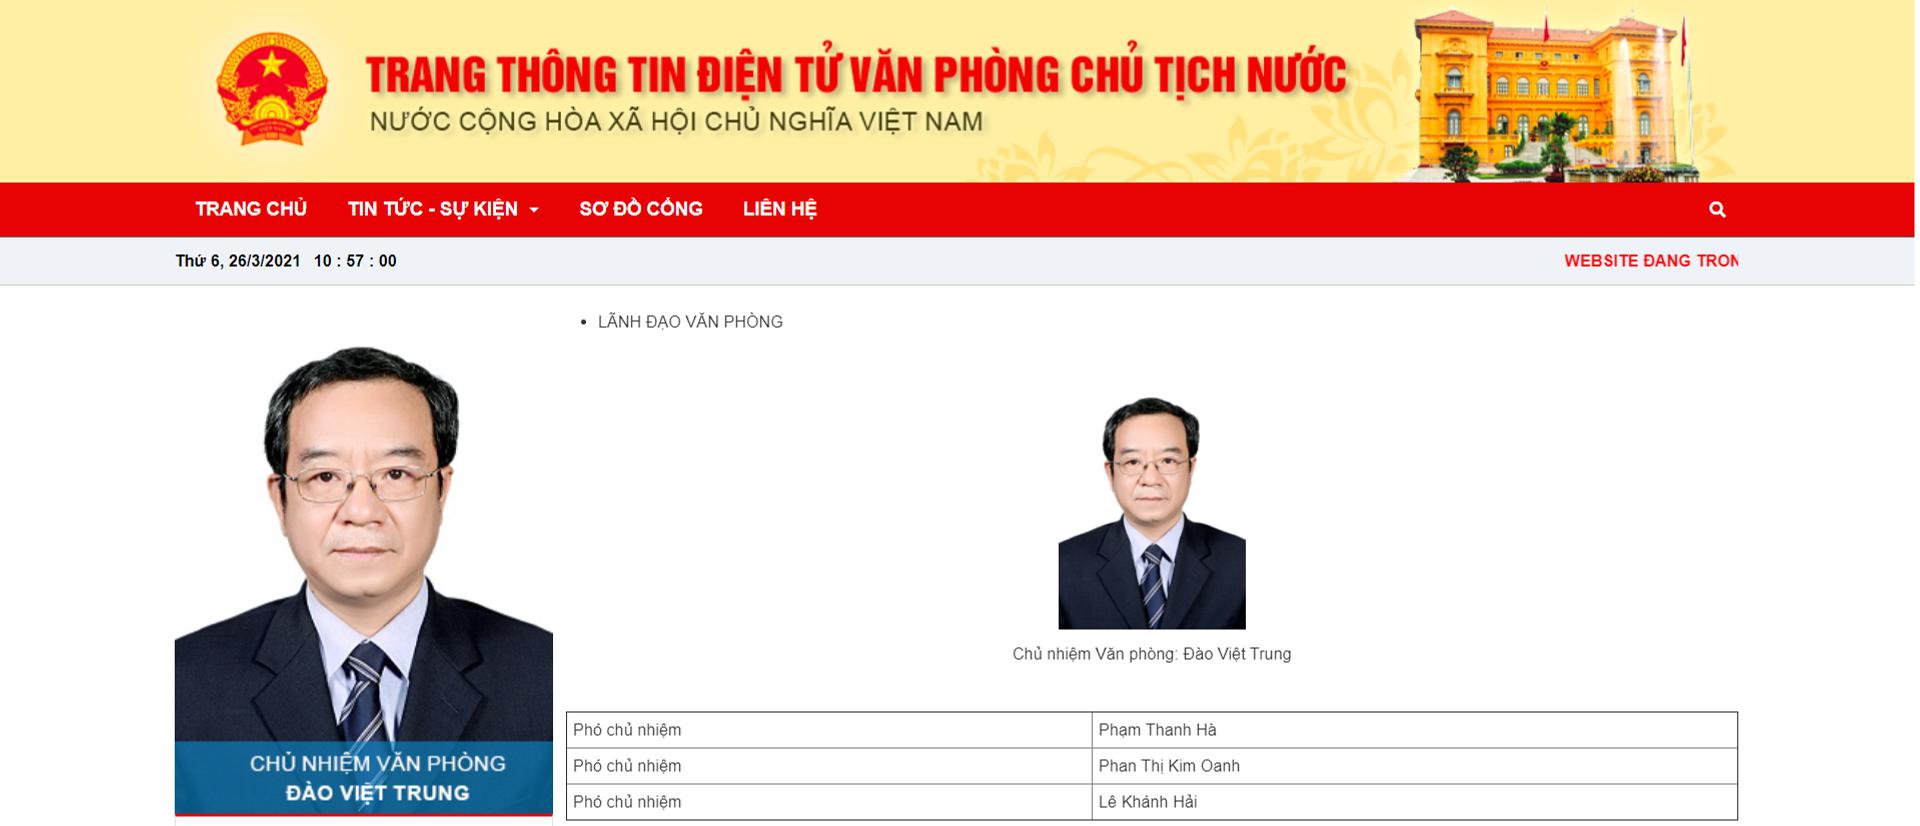 Đồng chí Nguyễn Phú Trọng bổ nhiệm ông Lê Khánh Hải làm Chủ nhiệm Văn phòng Chủ tịch nước - Sputnik Việt Nam, 1920, 26.03.2021